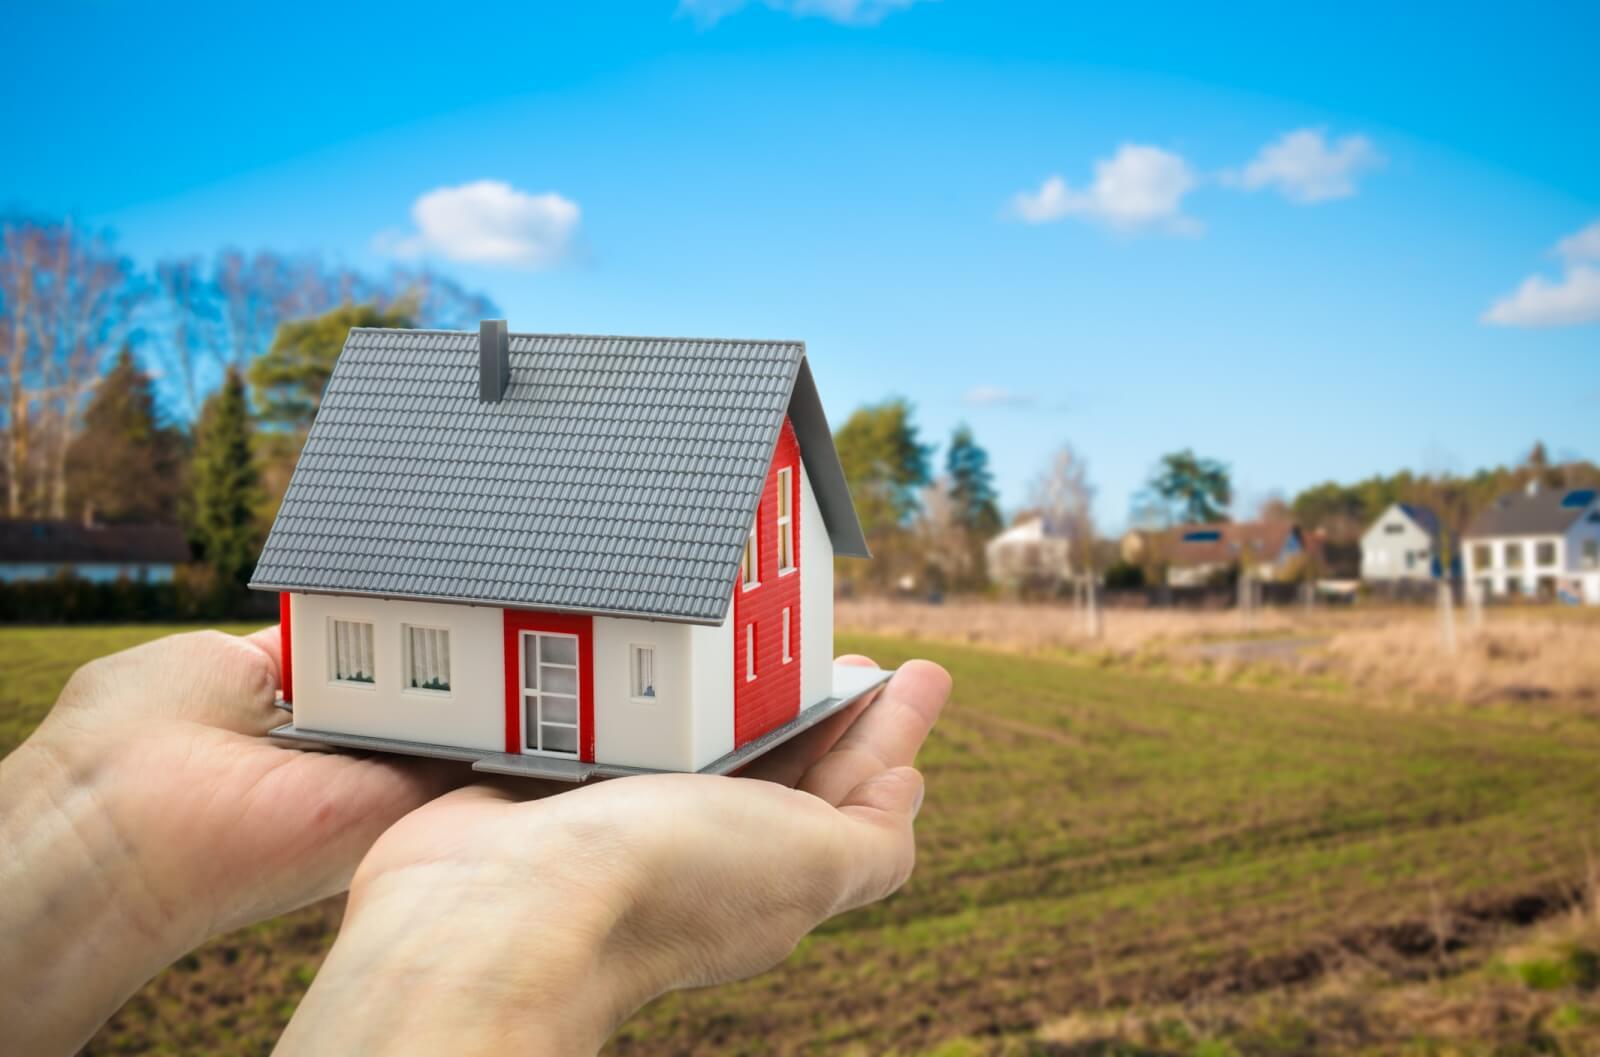 Как построить дом на материнский капитал — правила обращения, куда тратят деньги?